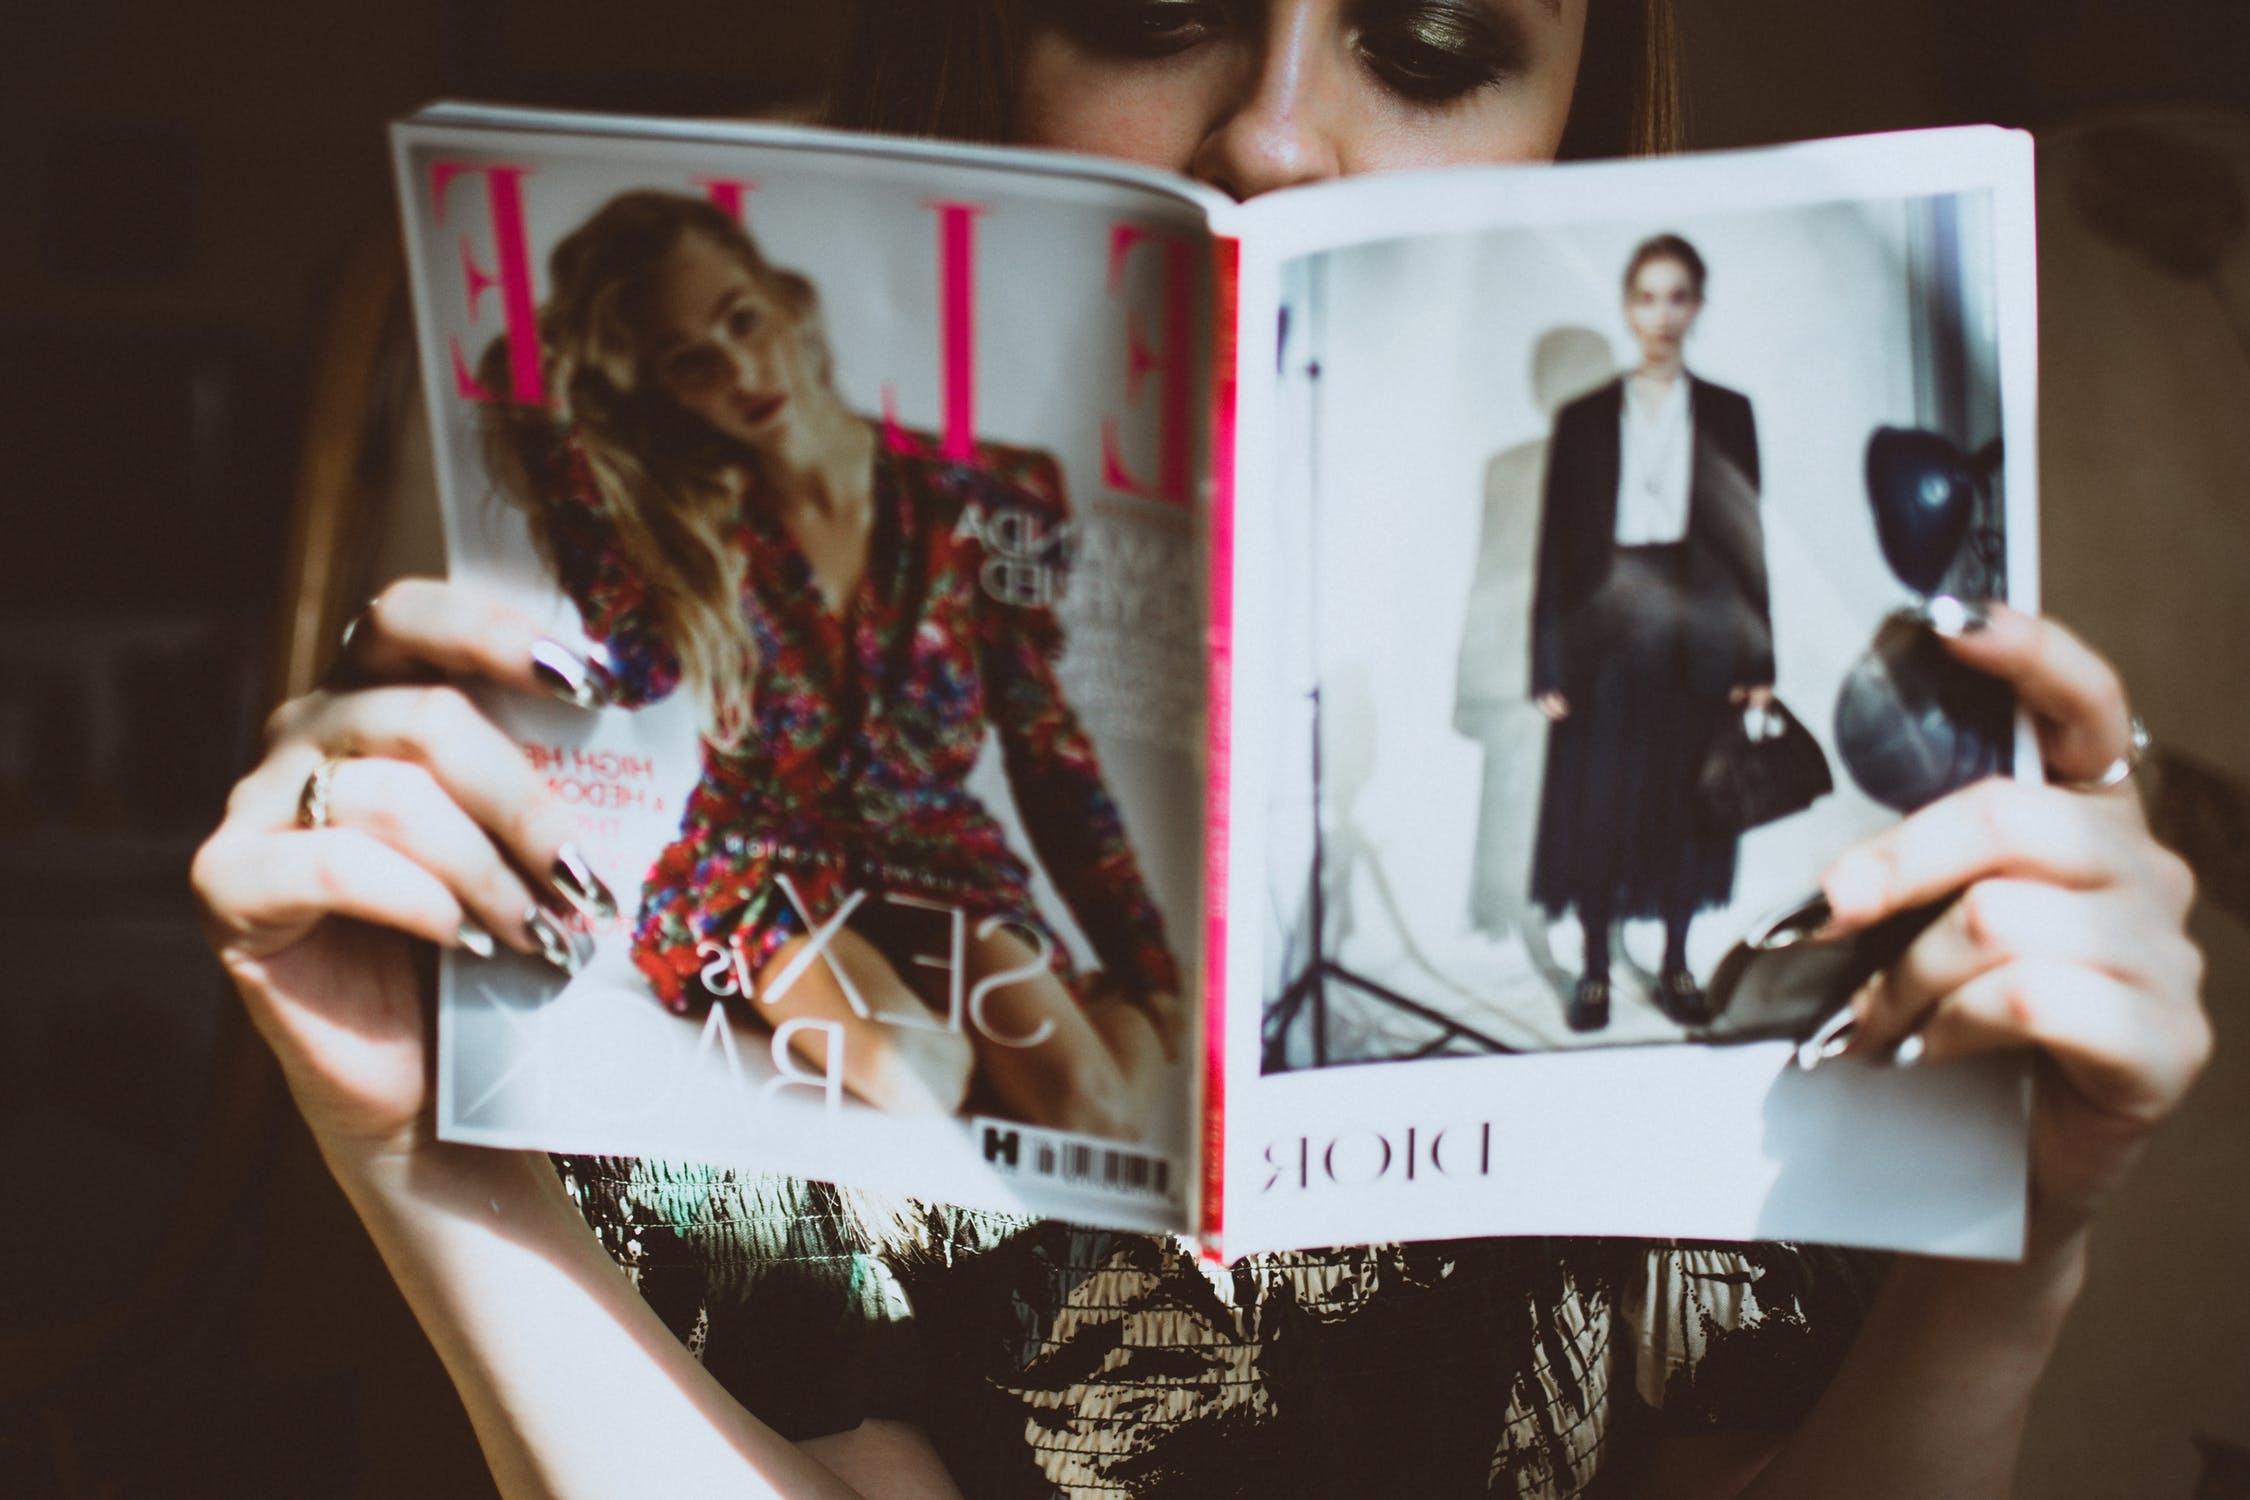 雑誌は大好きなんだけど...。